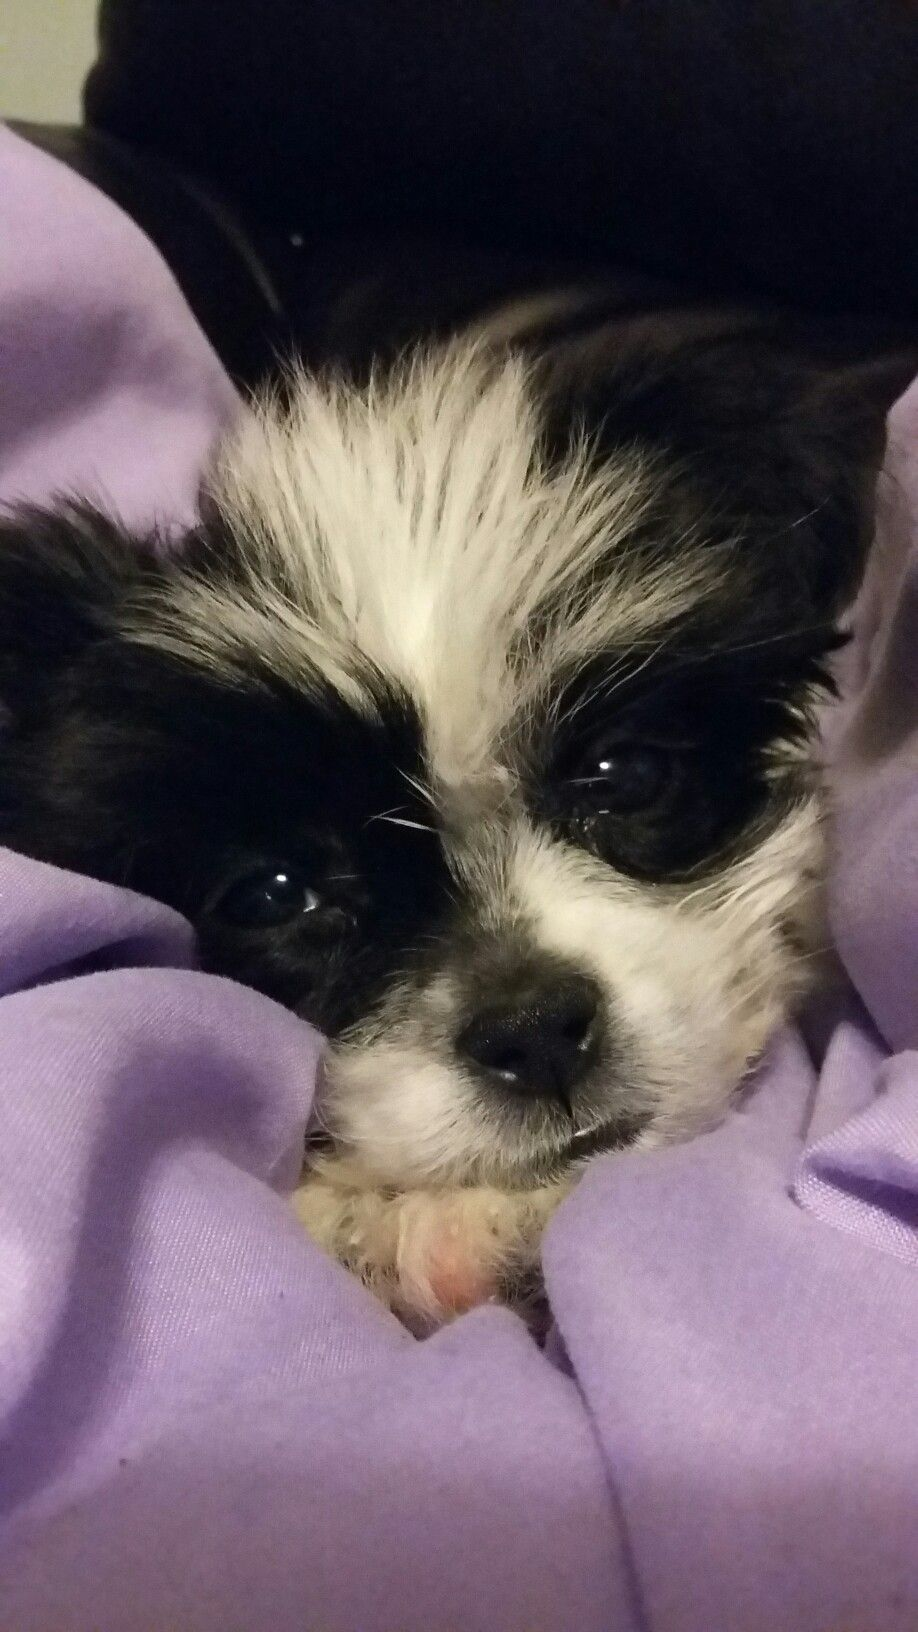 Zuchon Puppies For Sale London 2021